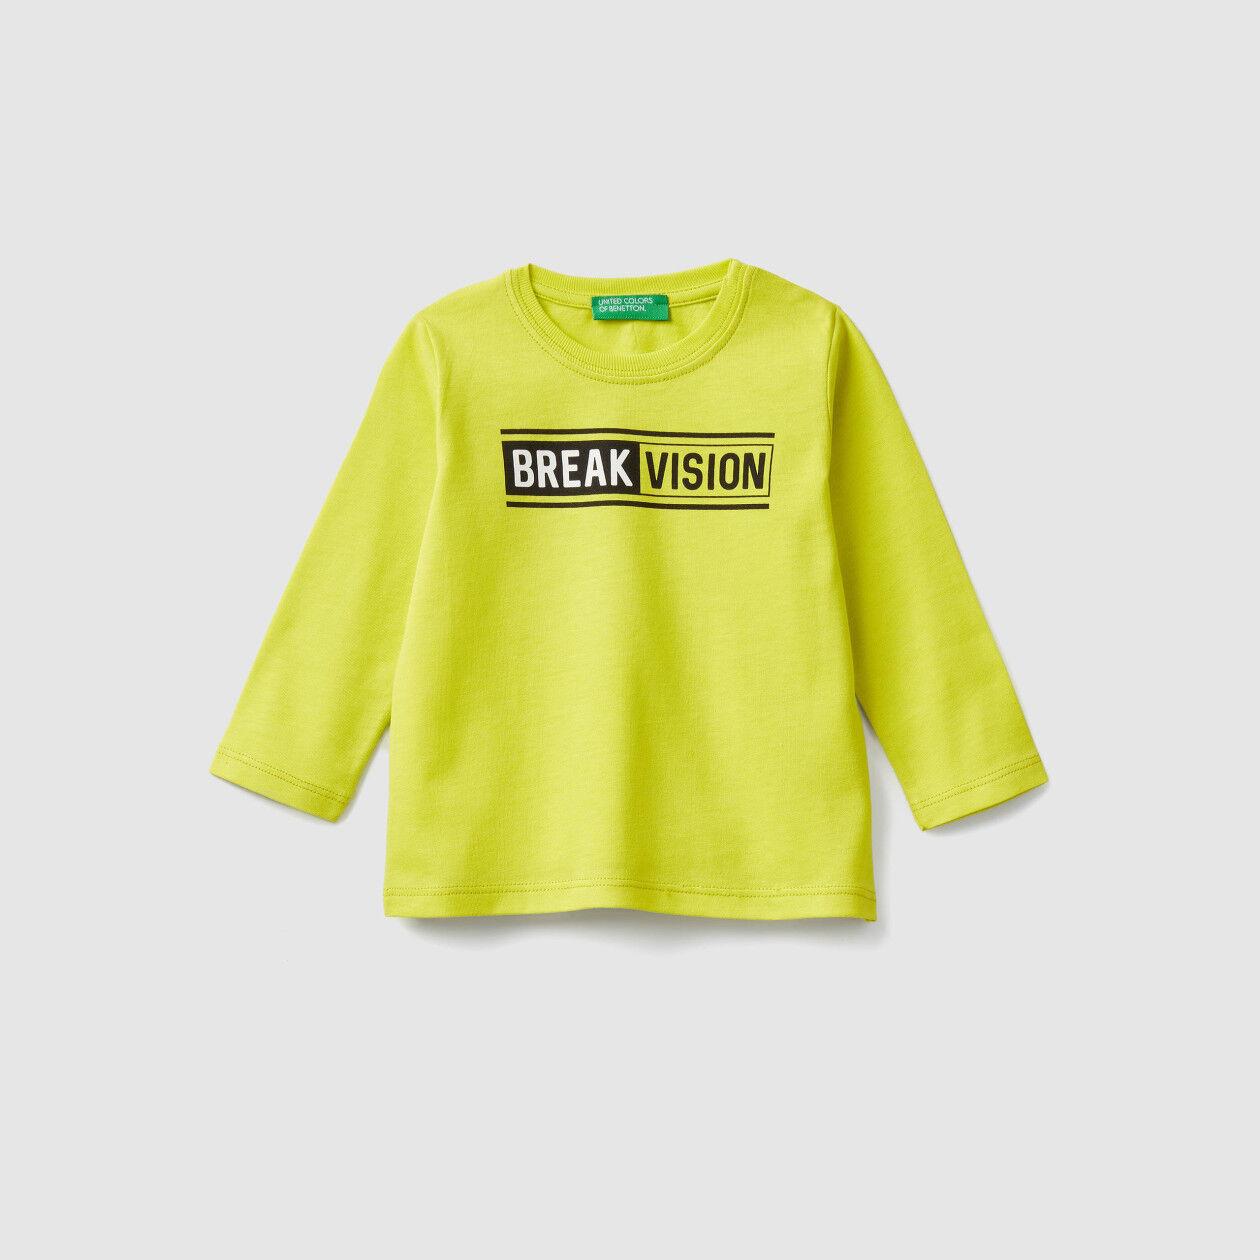 T-shirt de algodão com estampa